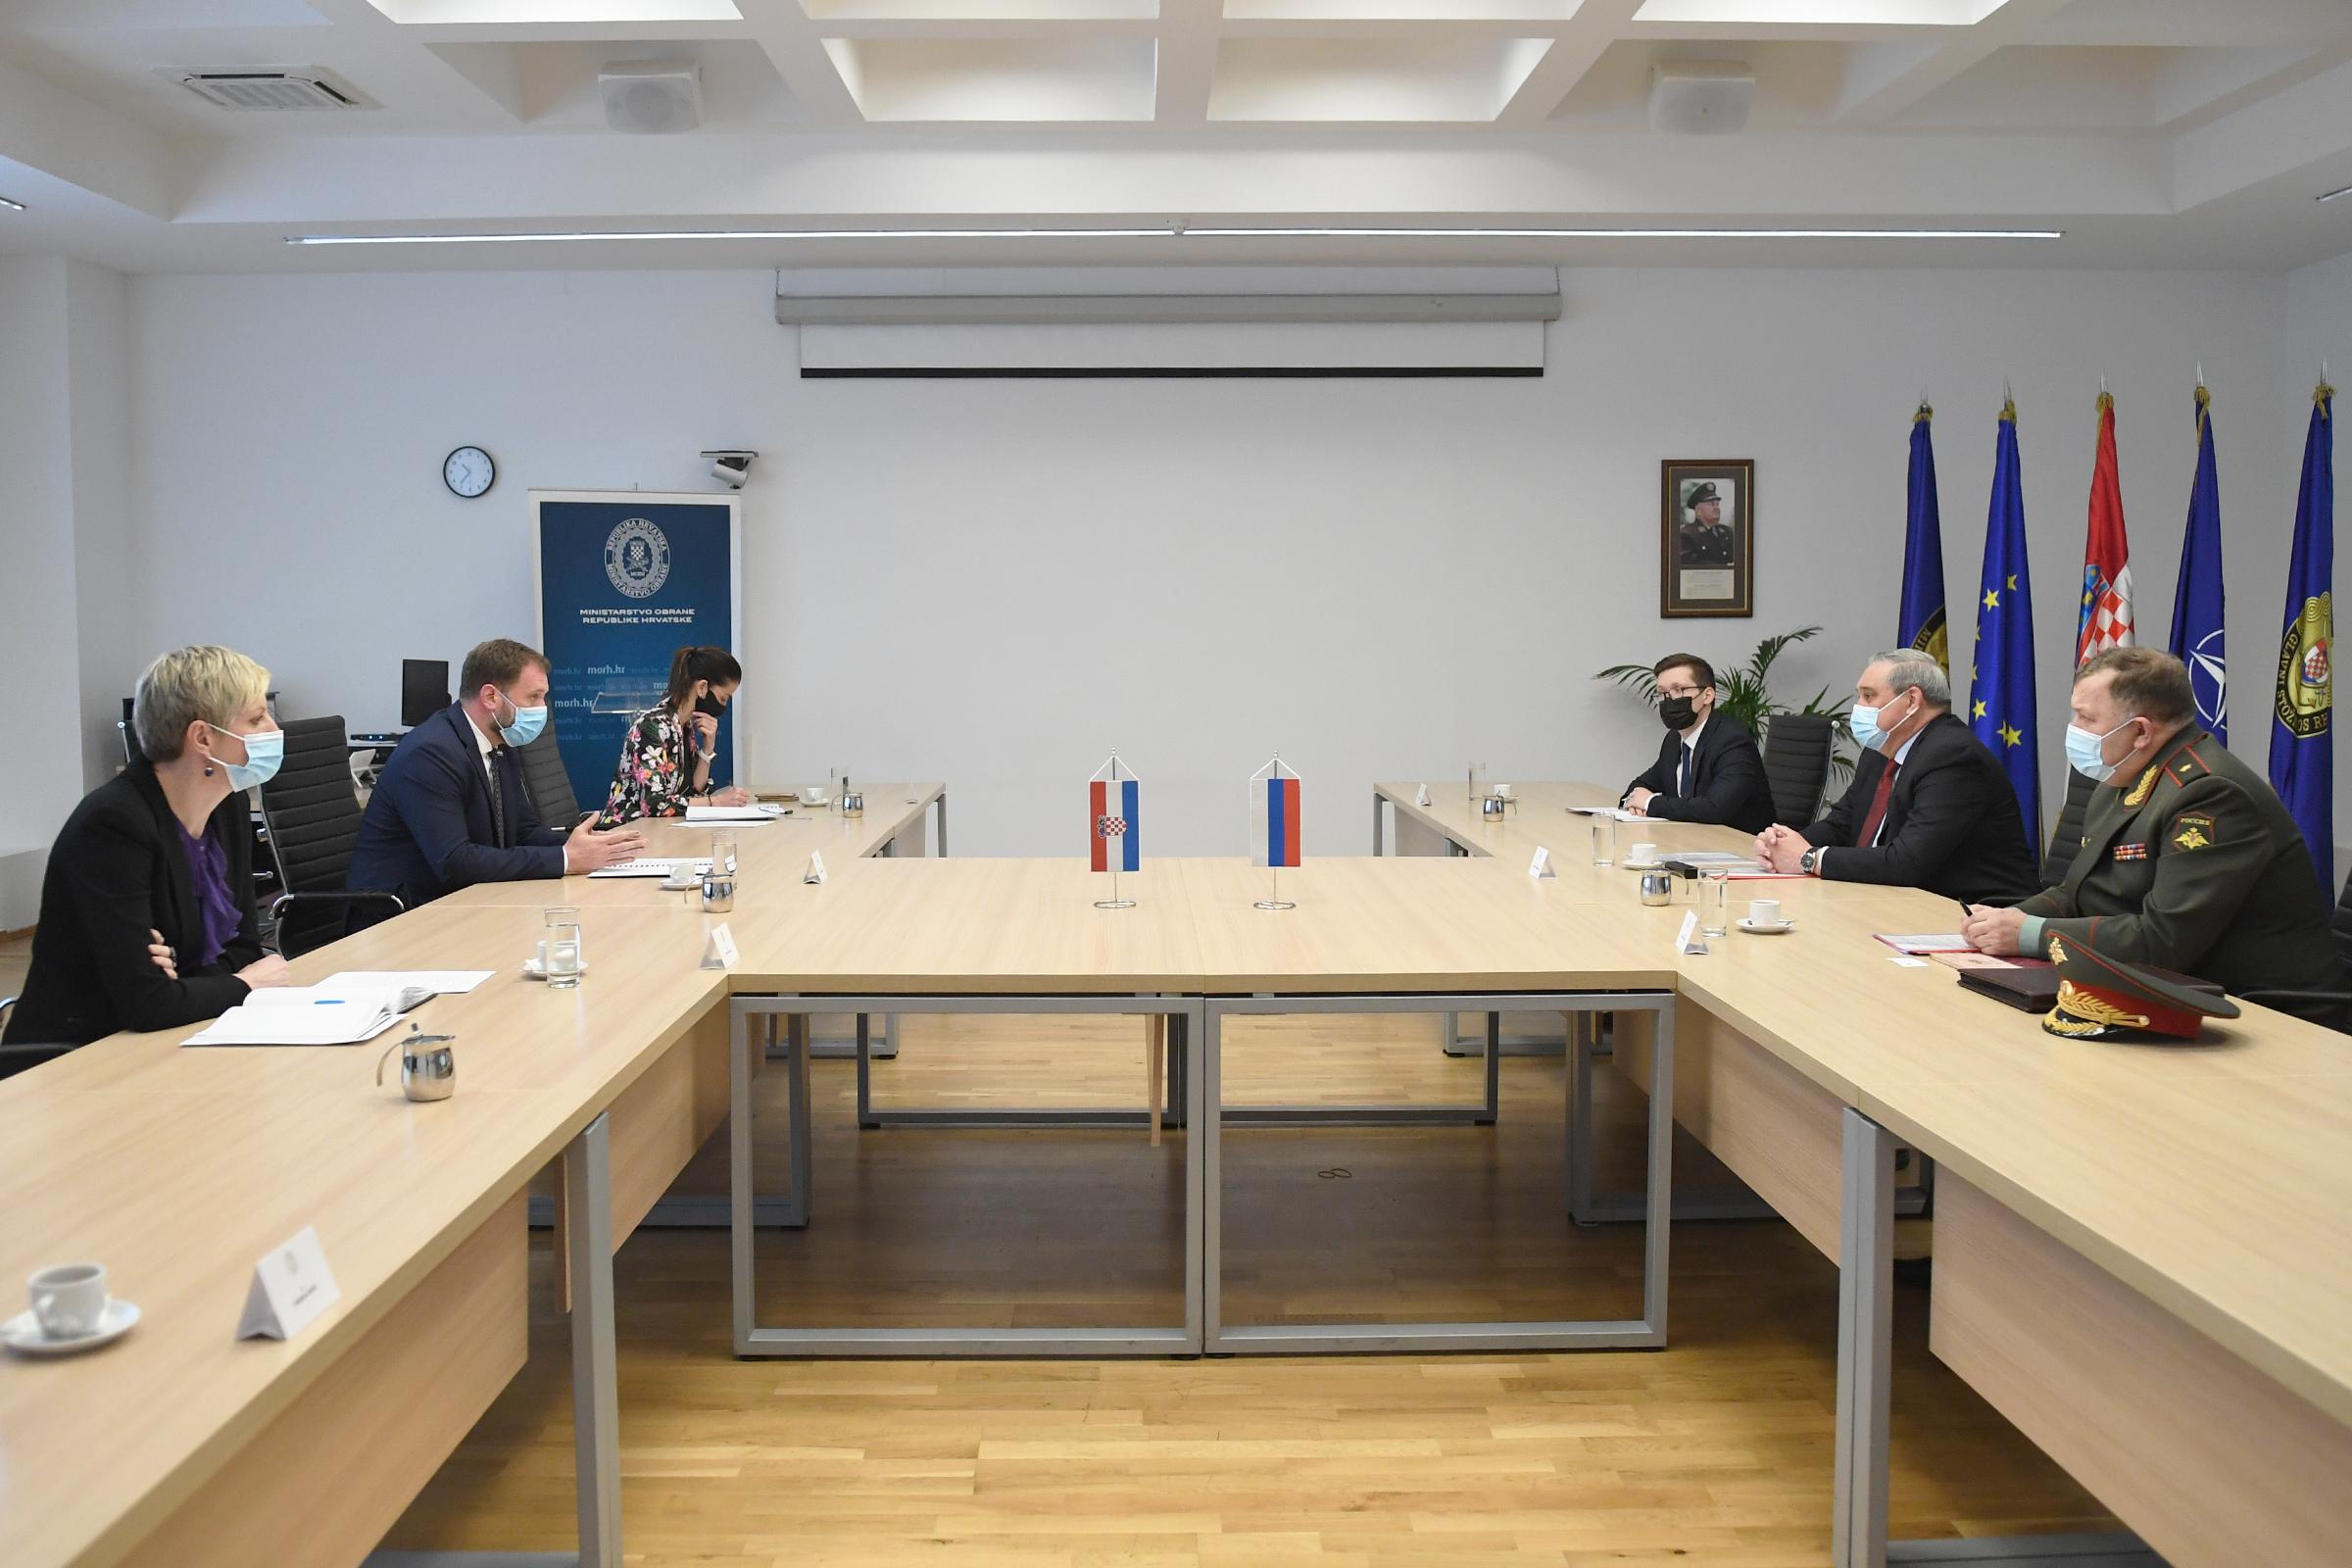 Ministar Banožić s veleposlanikom Ruske Federacije Nesterenkom